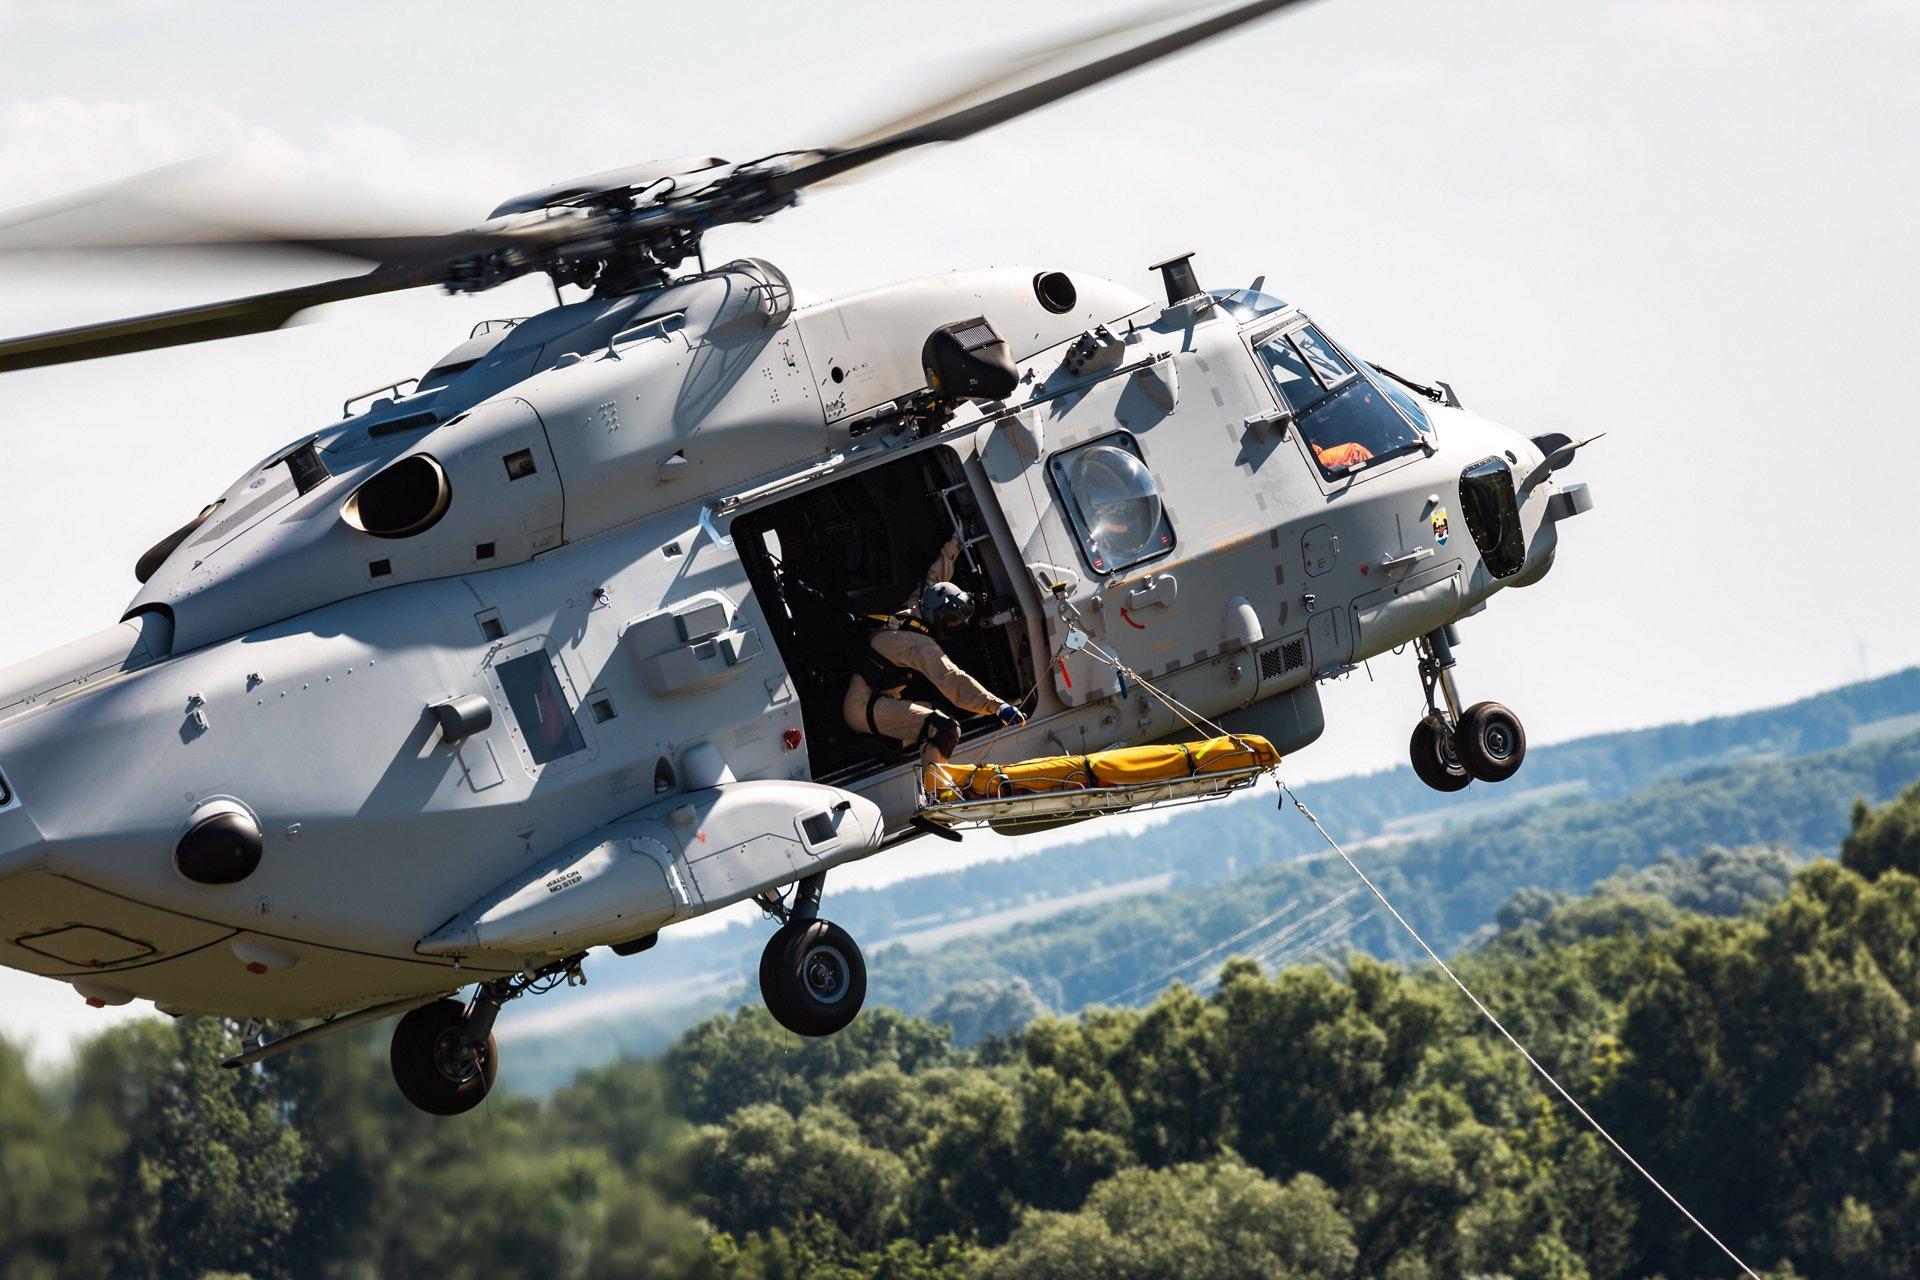 El NH-90 completa con éxito la demostración de la misión